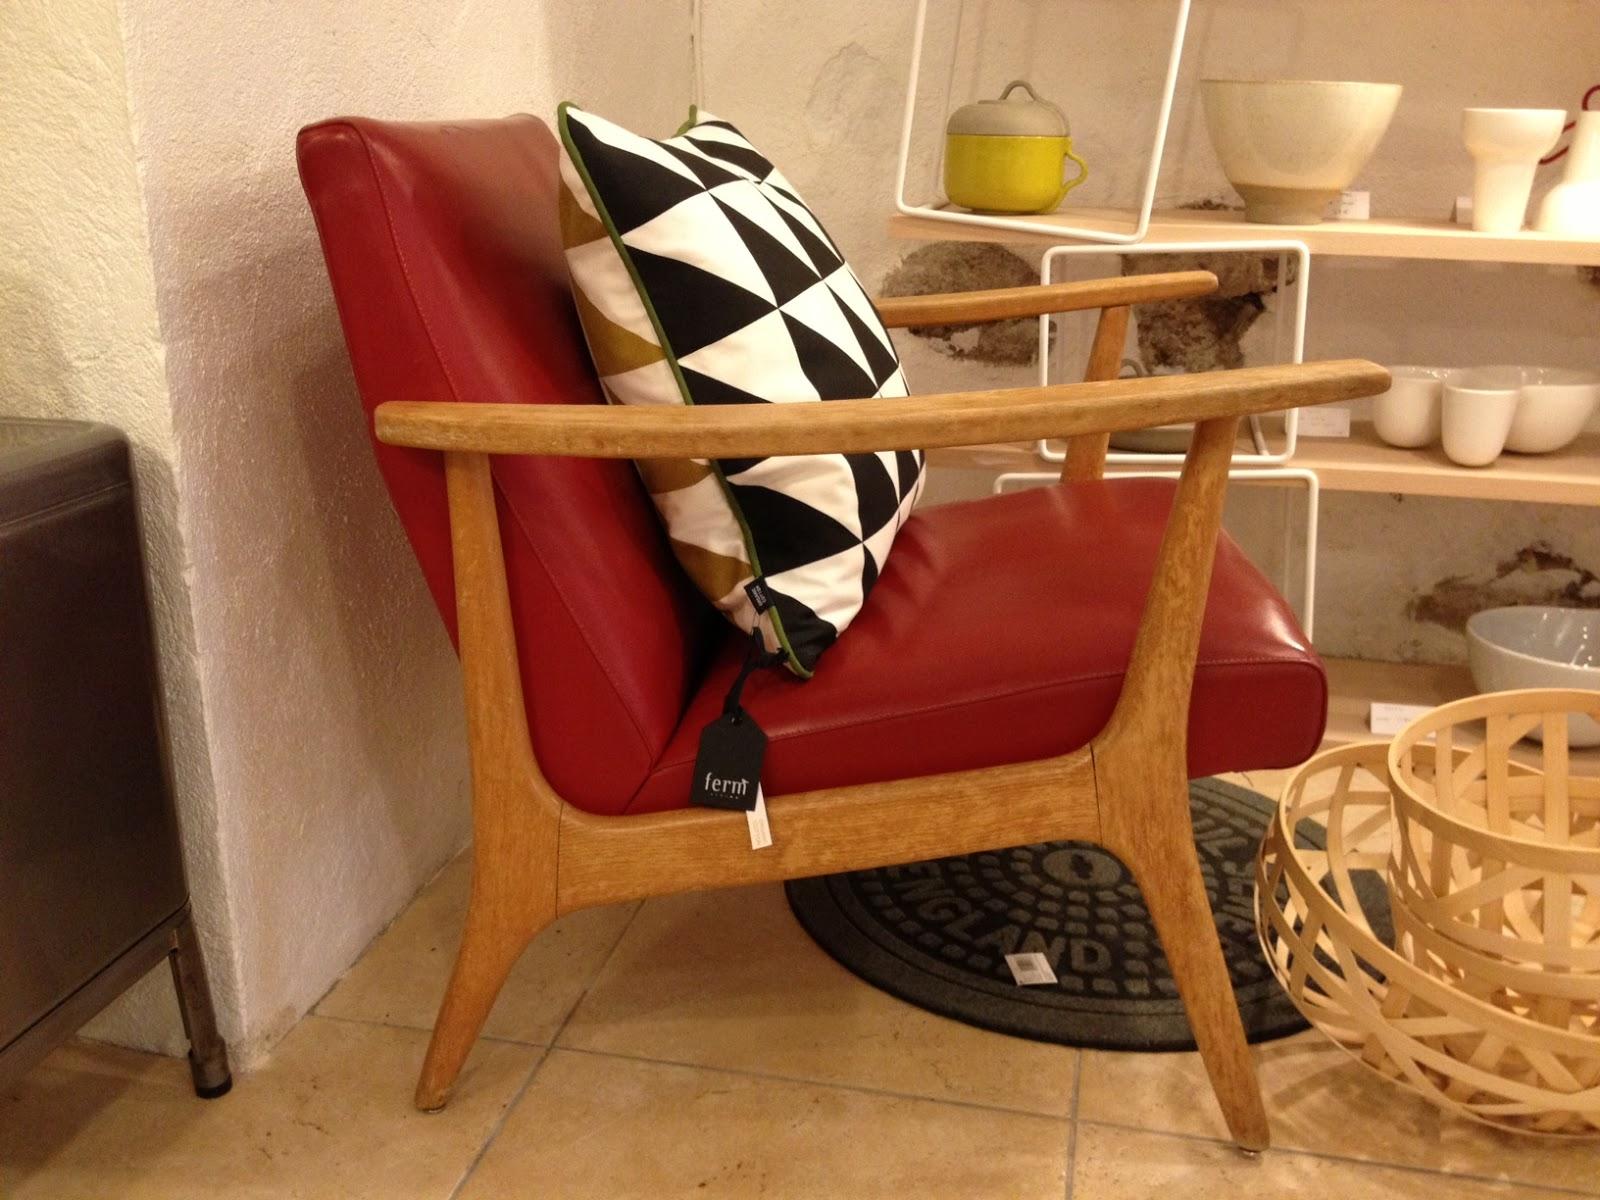 fauteuil vintage la maison de marie et jules magasin d co strapha l. Black Bedroom Furniture Sets. Home Design Ideas